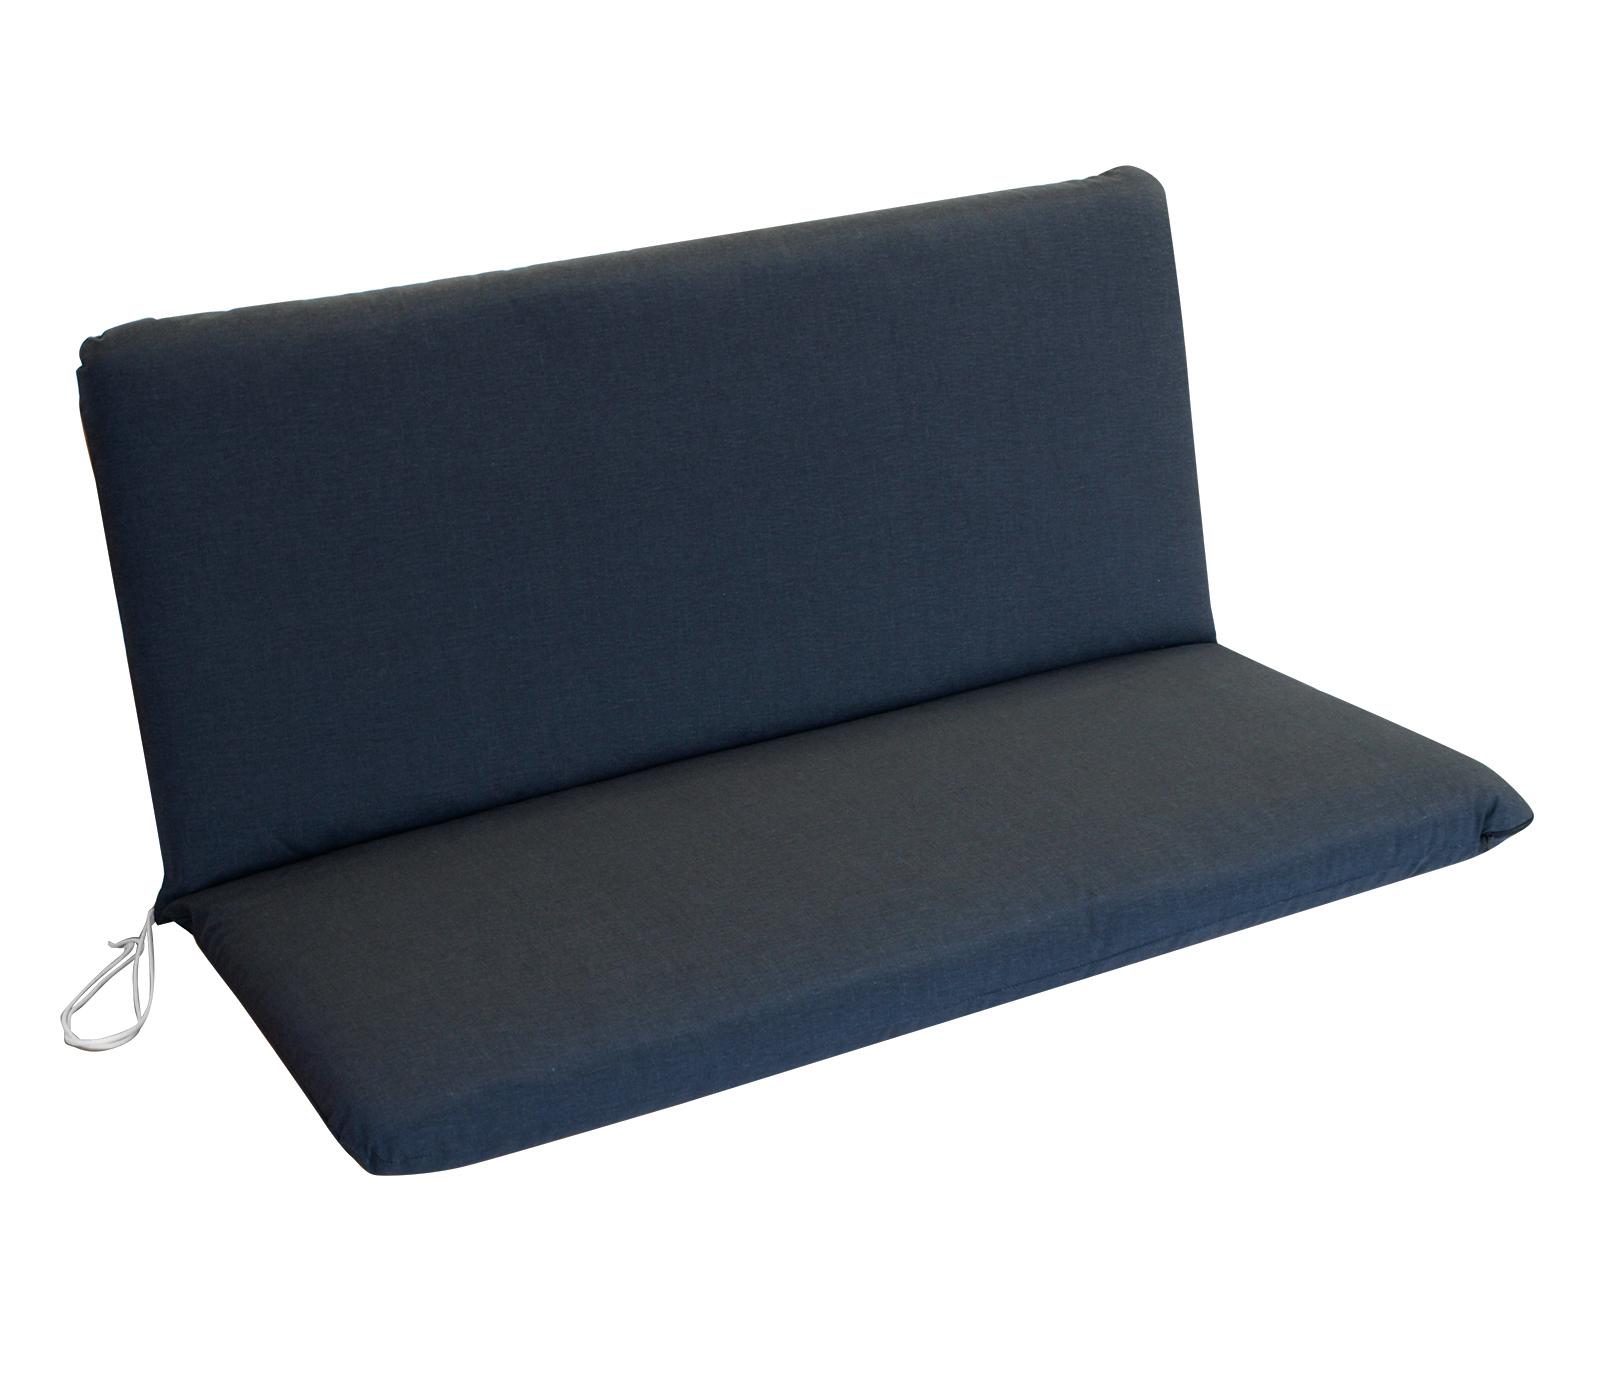 gartenbank auflage bankauflage polster gartenm bel bank arizona 2 sitzer grau ebay. Black Bedroom Furniture Sets. Home Design Ideas